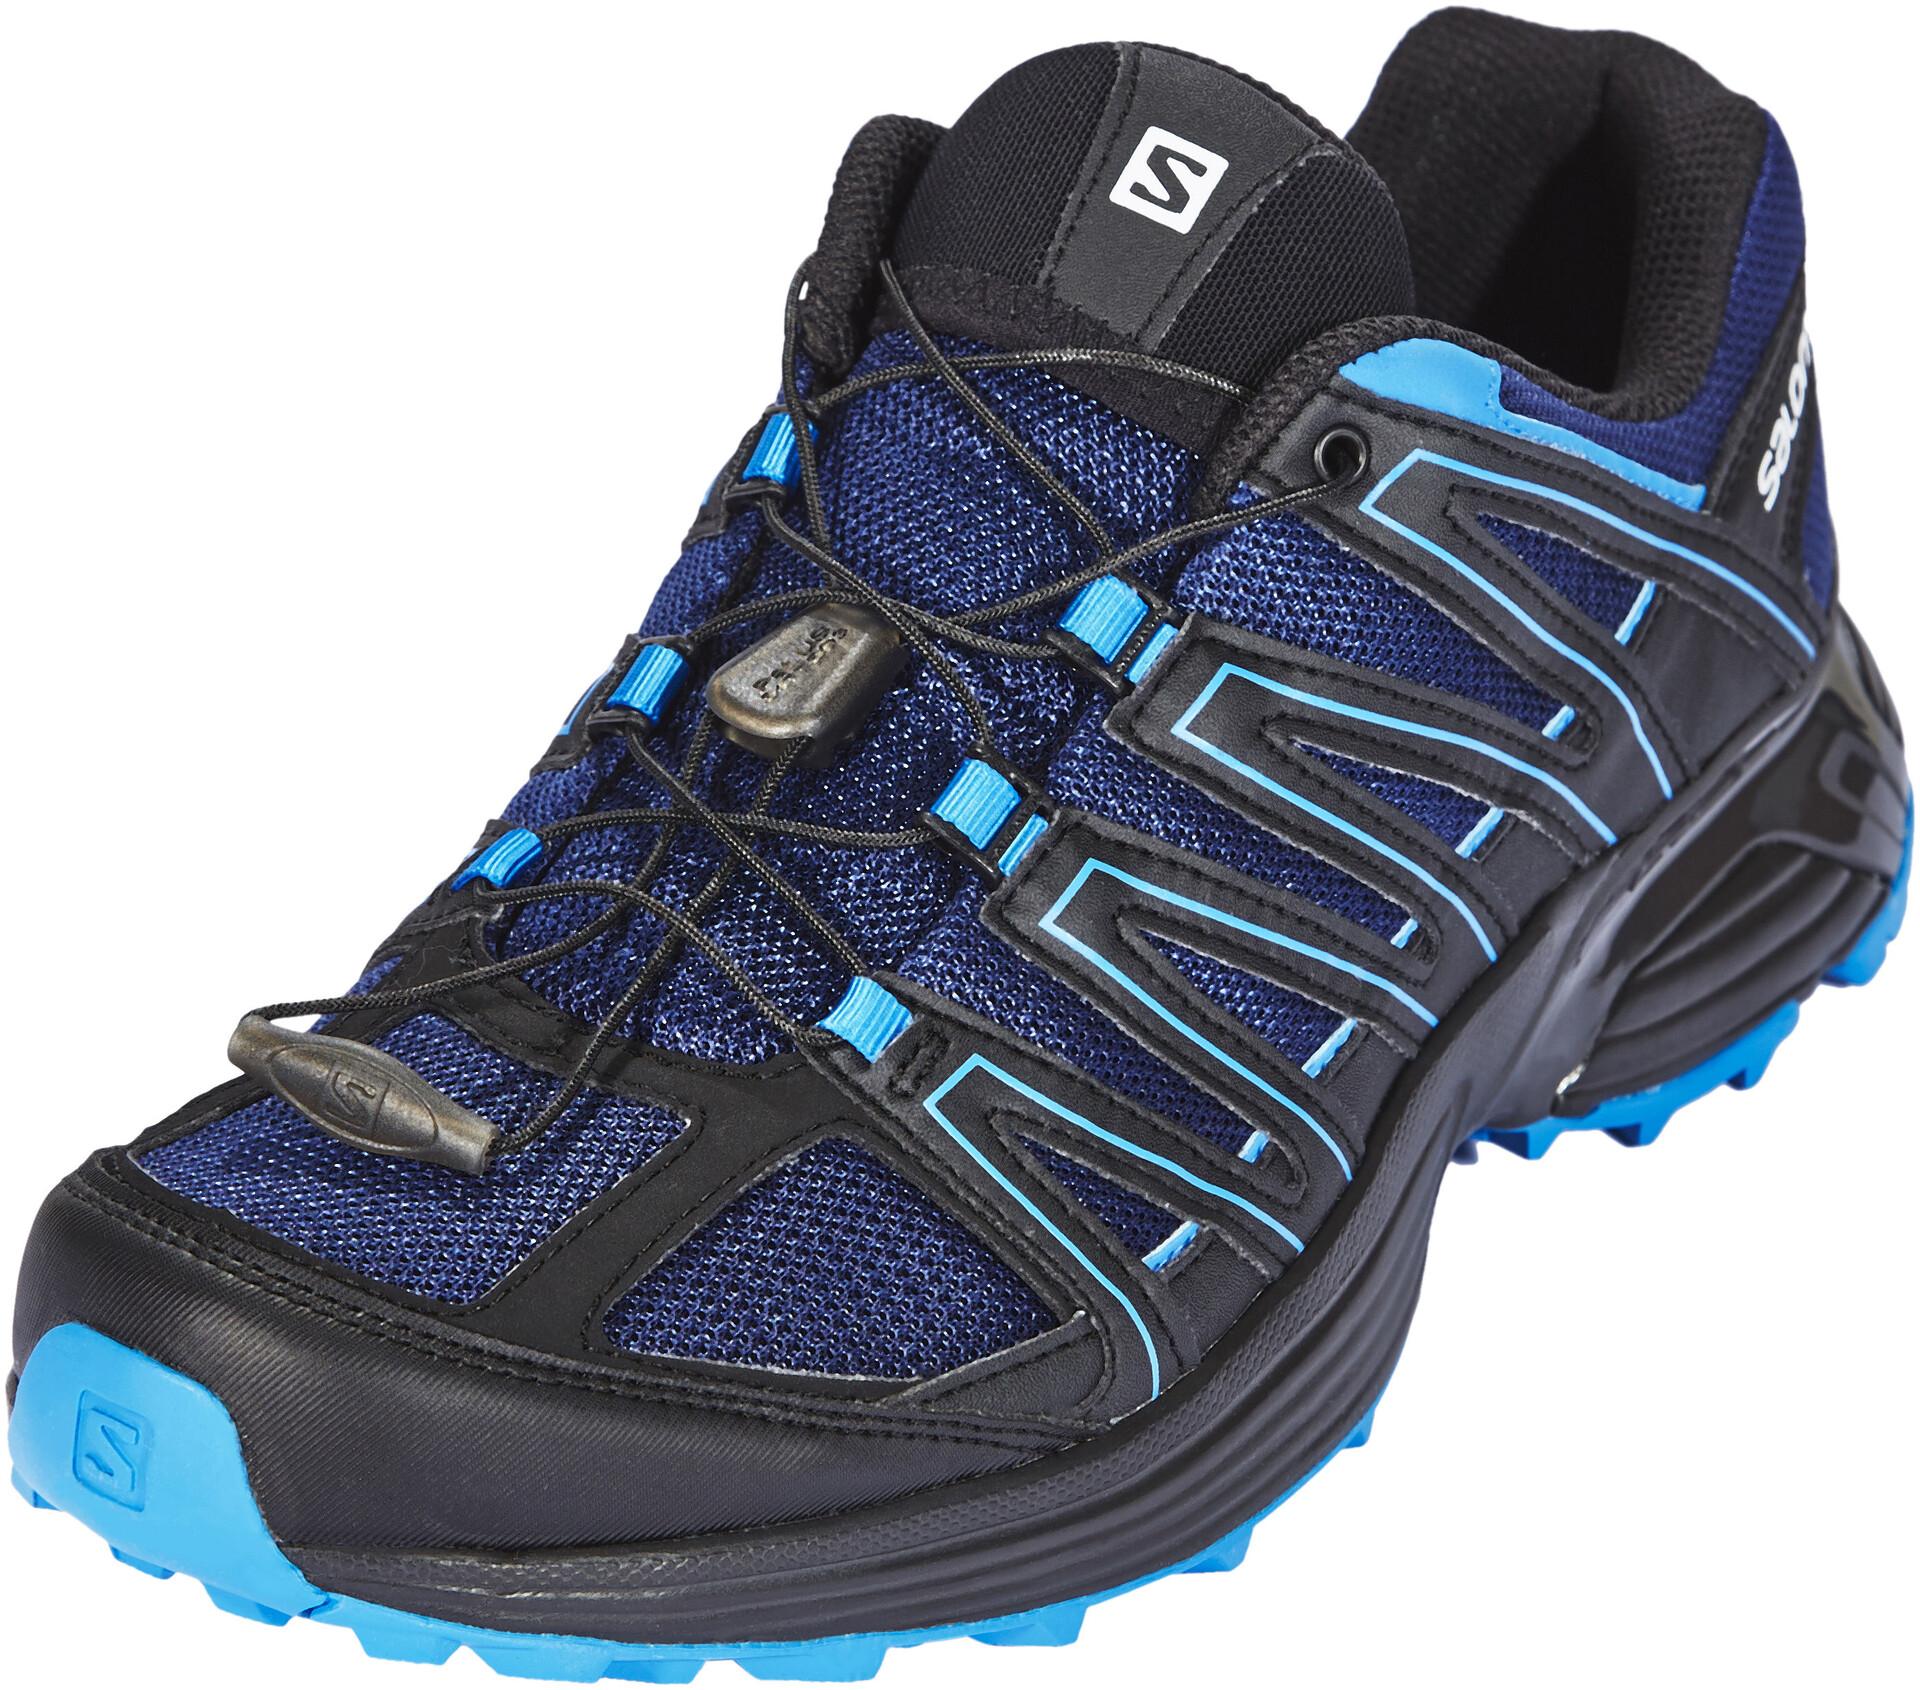 Bleu Salomon Chaussures Maido Campz Homme Running Xt Sur CqwF7qO